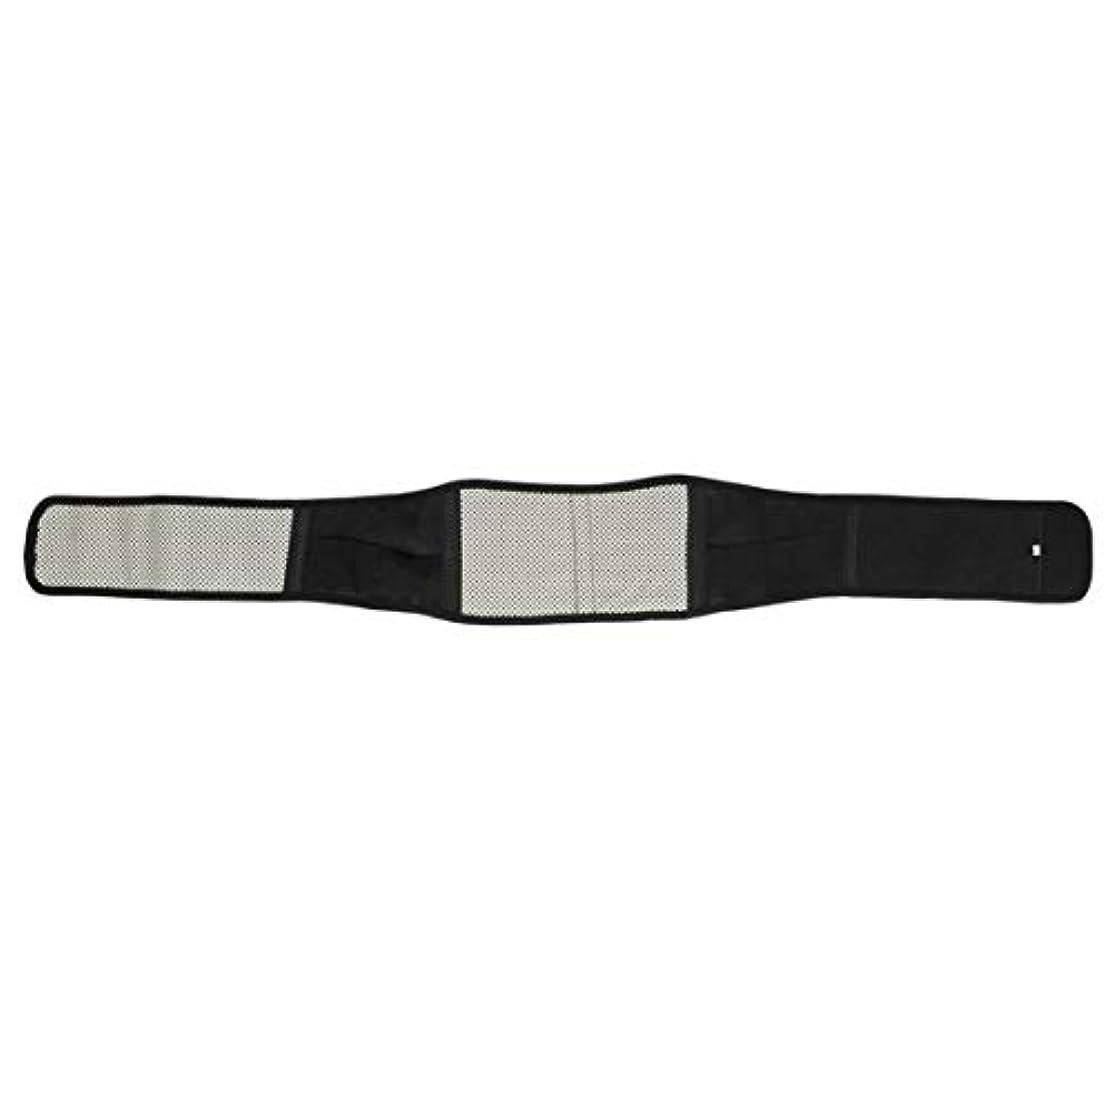 表示上流の関税腰部サポート痛みマッサージャー赤外線磁気バックブレース自己加熱療法ウエストベルト調節可能な姿勢ベルト